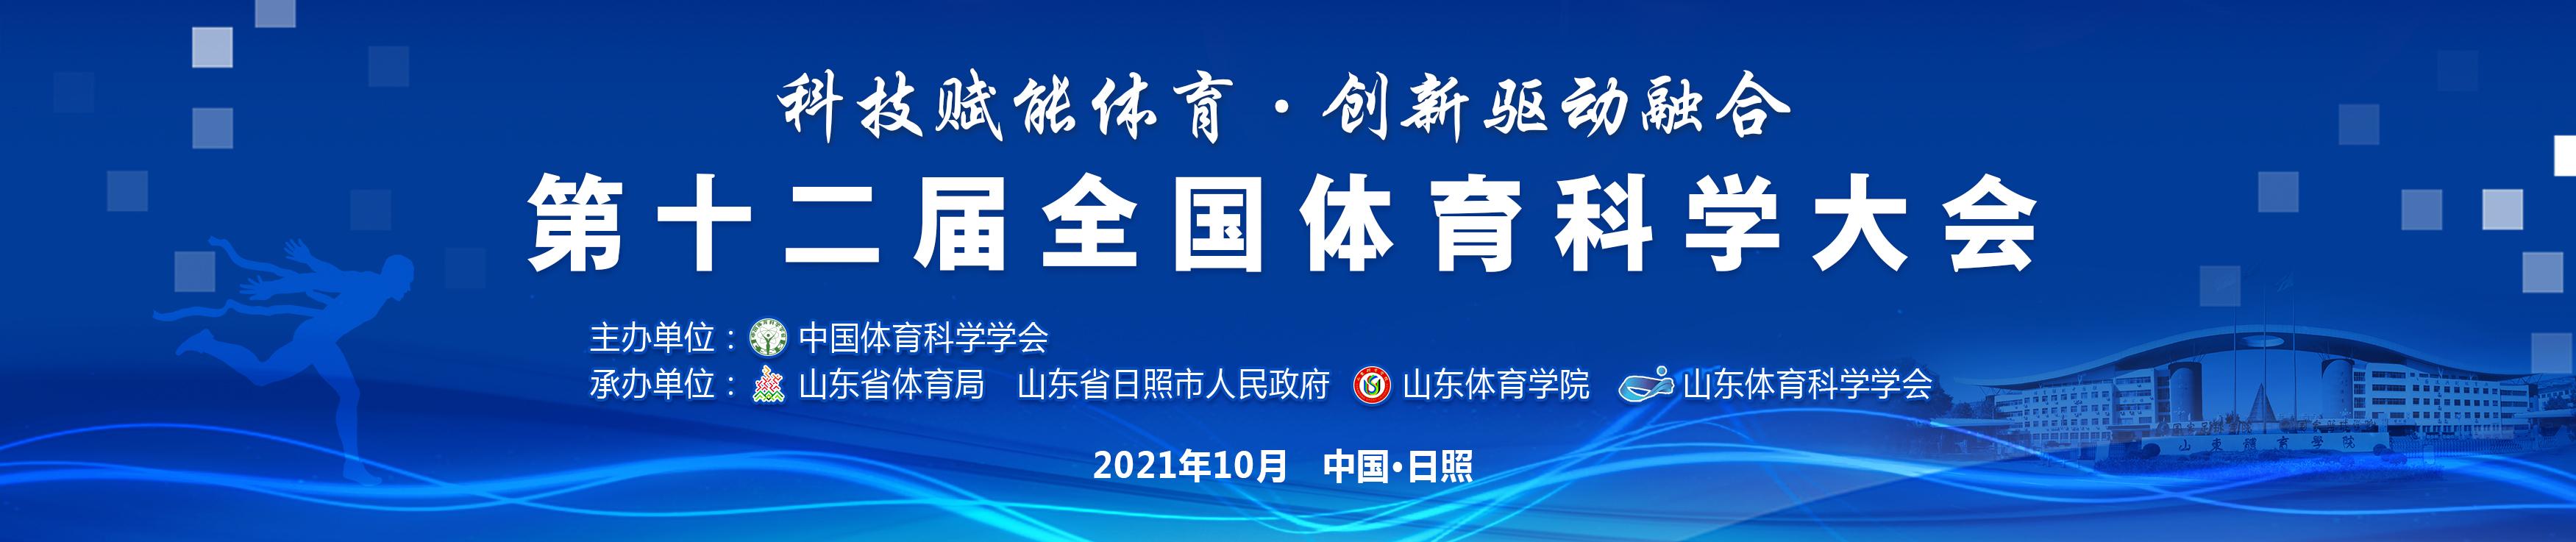 第十二届全国体育科学大会